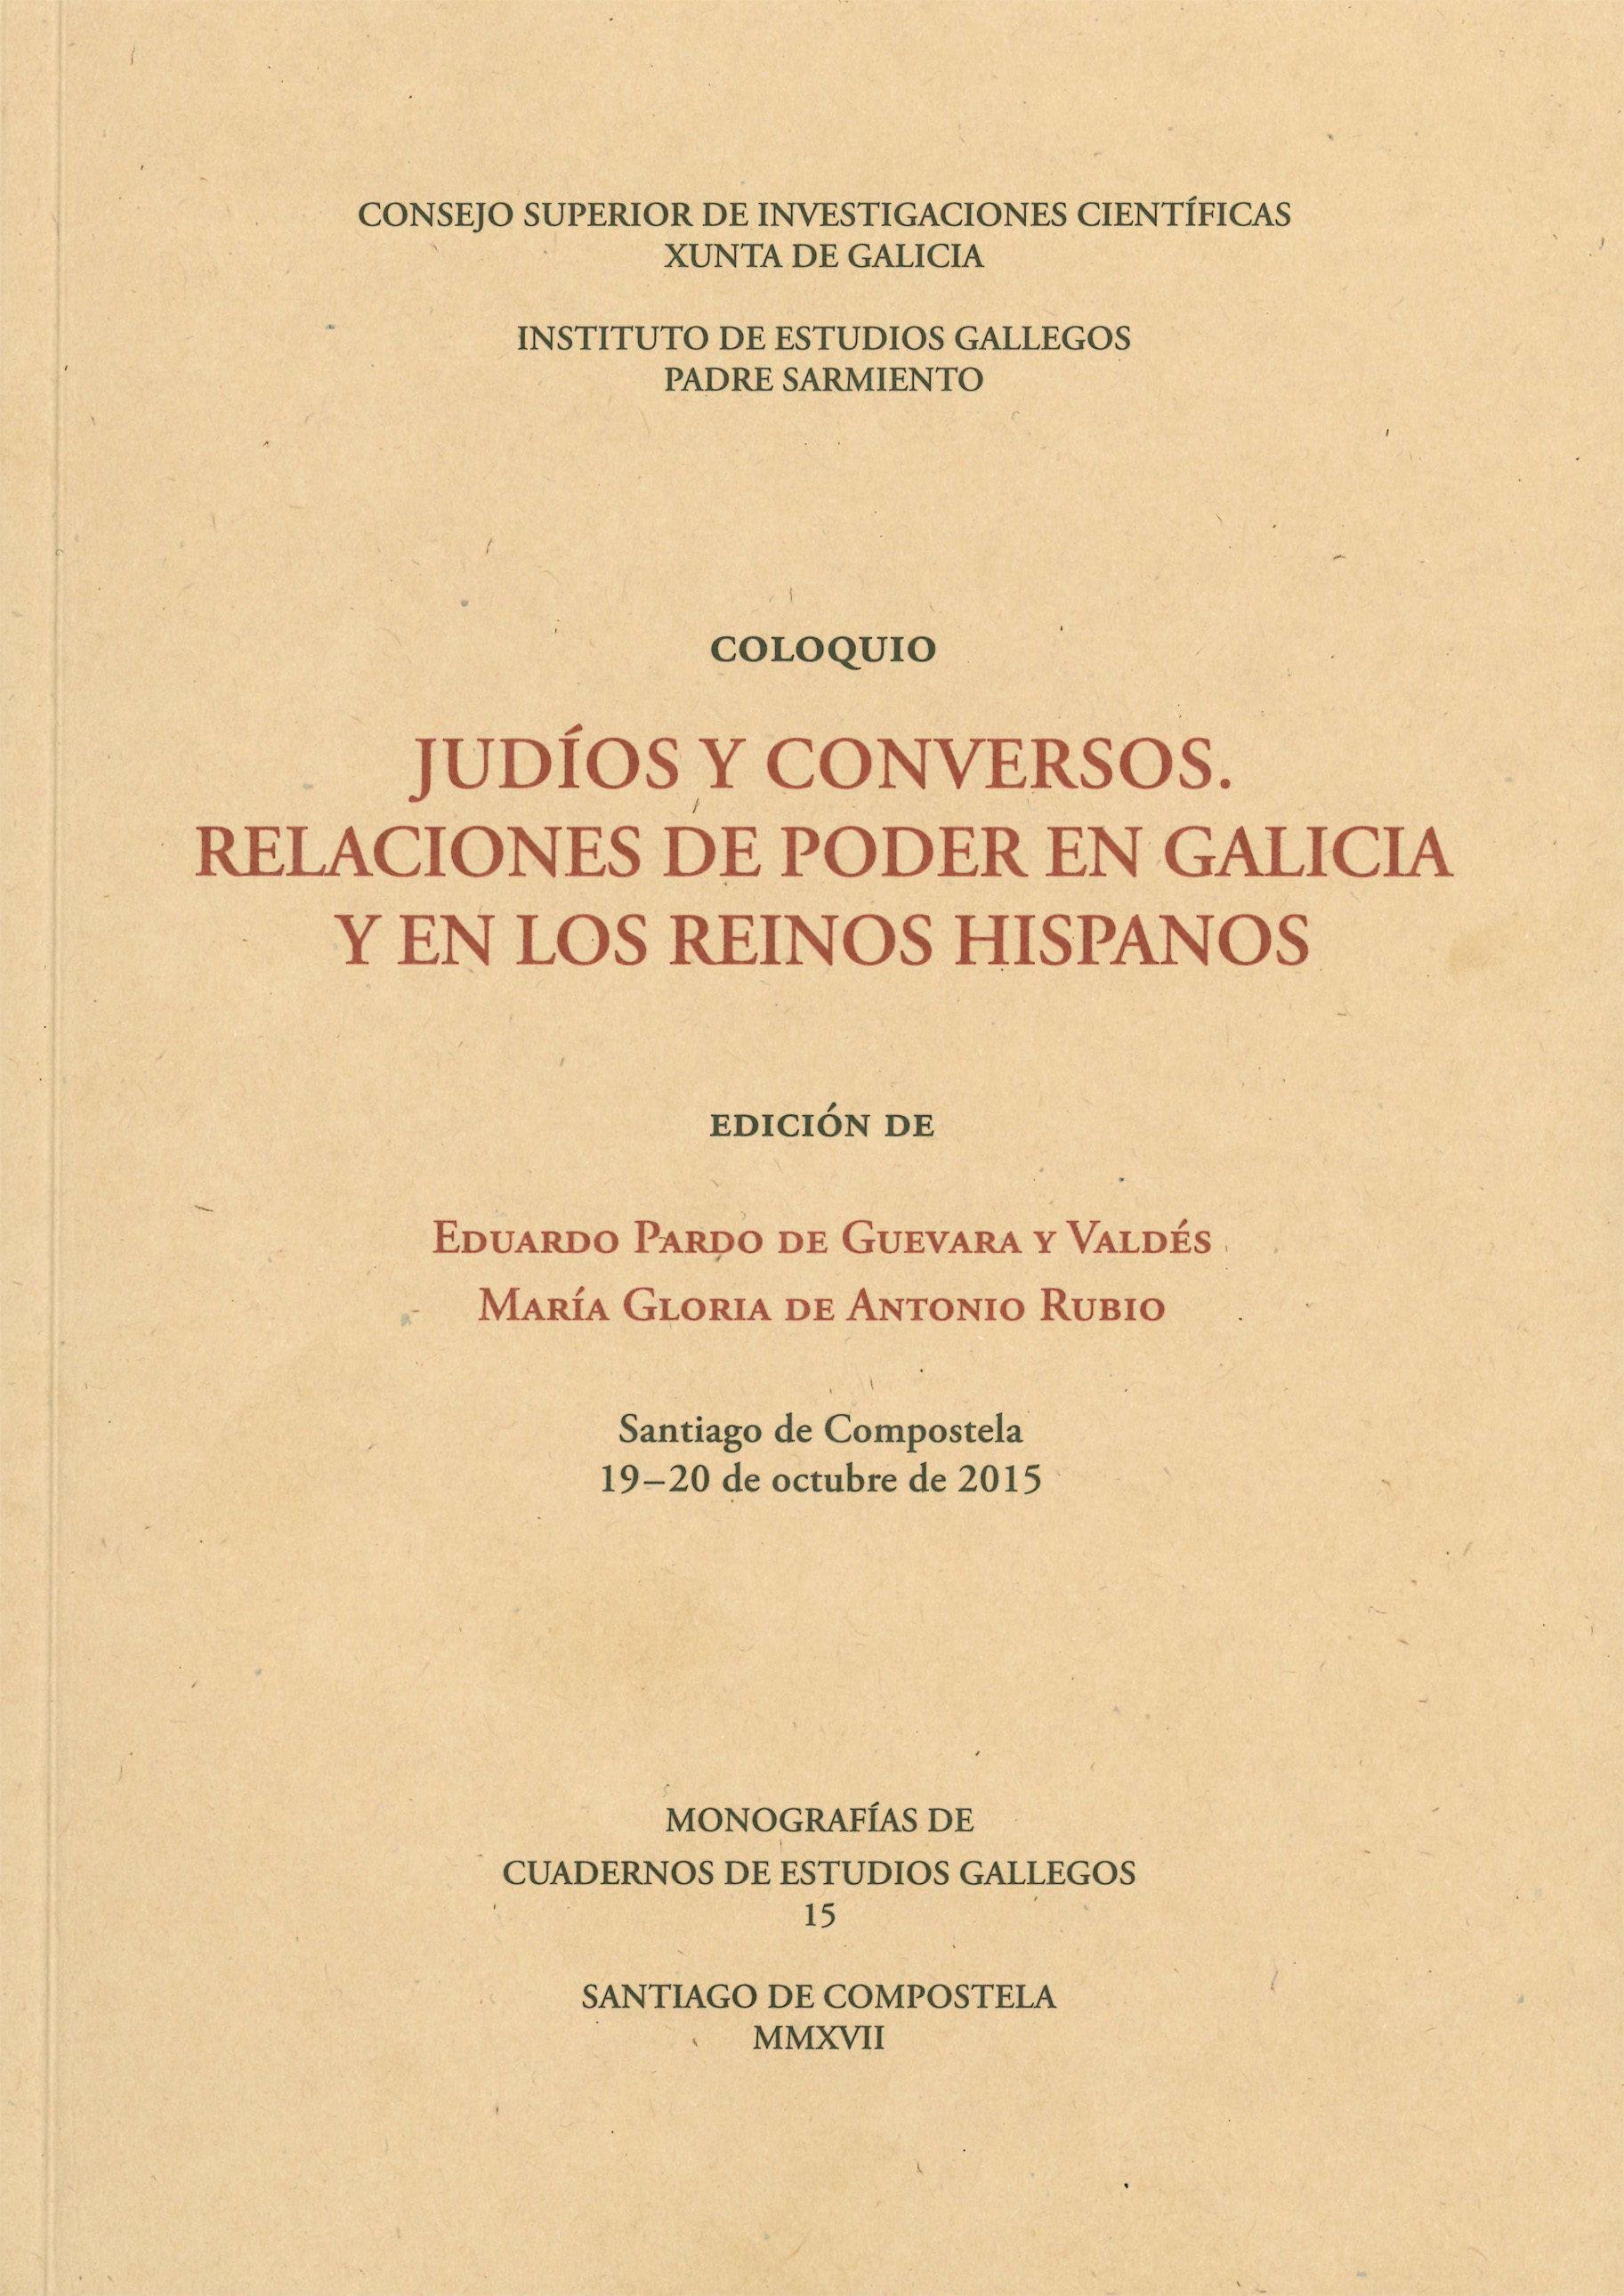 https://imagessl9.casadellibro.com/a/l/t0/59/9788400102159.jpg